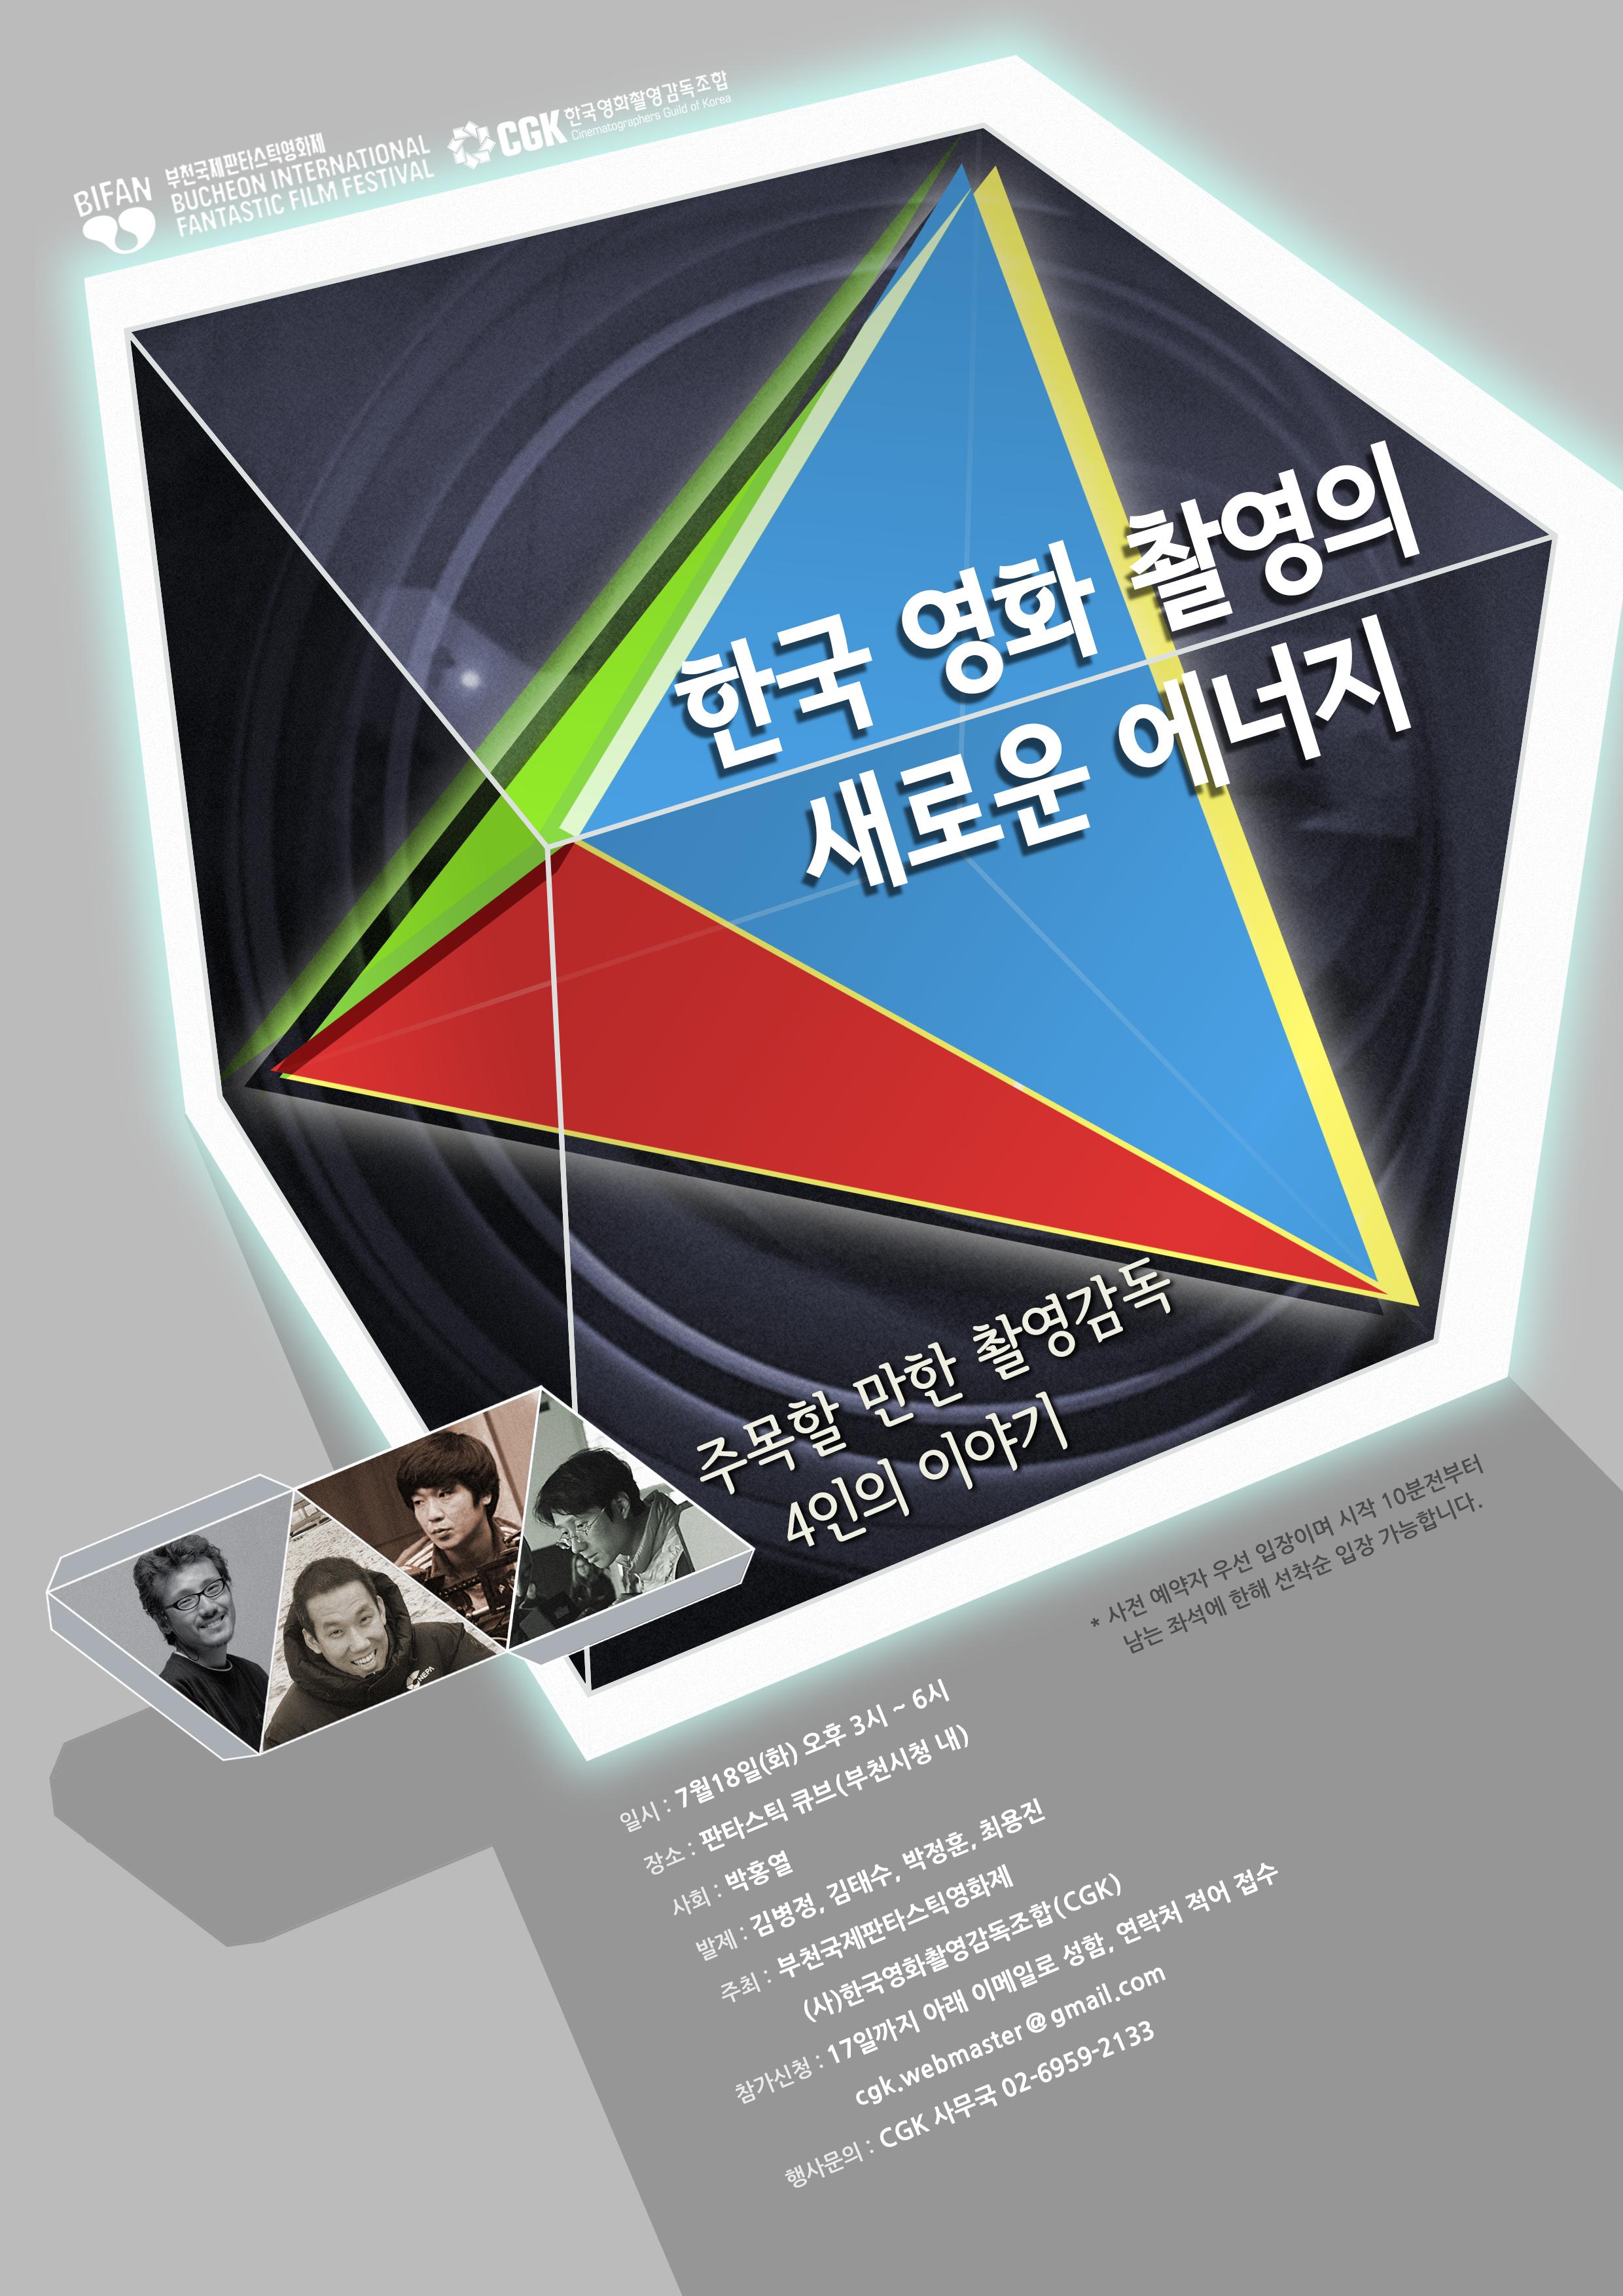 한국영화촬영의새로운에너지_웹안내장.jpg